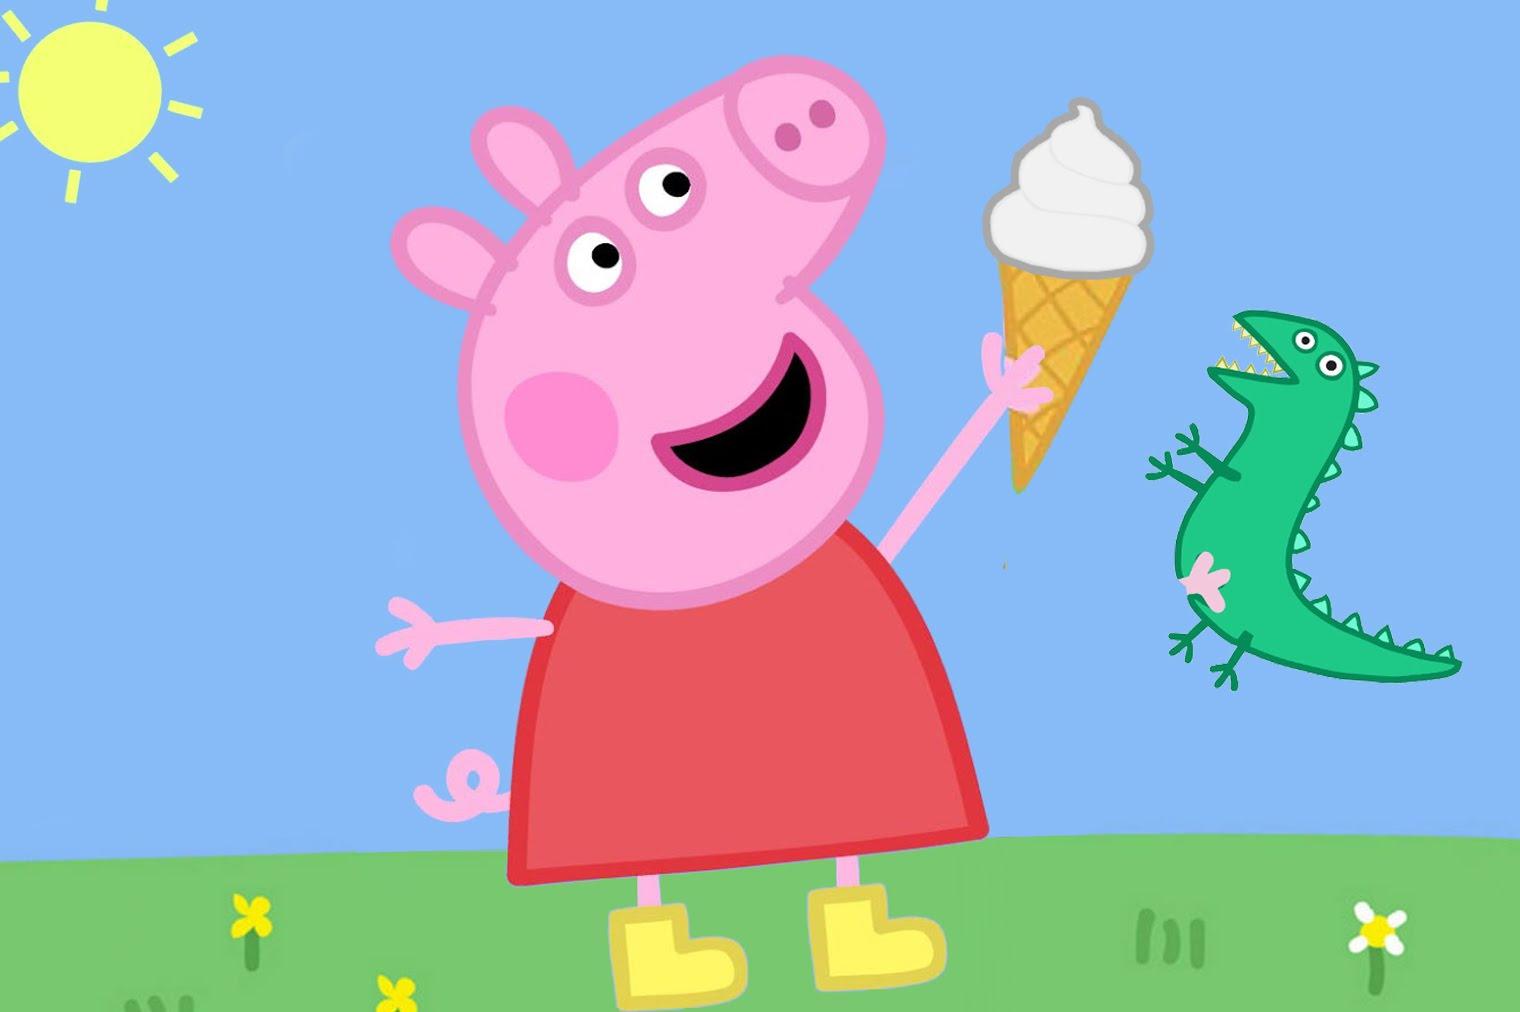 Fondos peppa pig wallpapers peppa pig for En youtube peppa pig